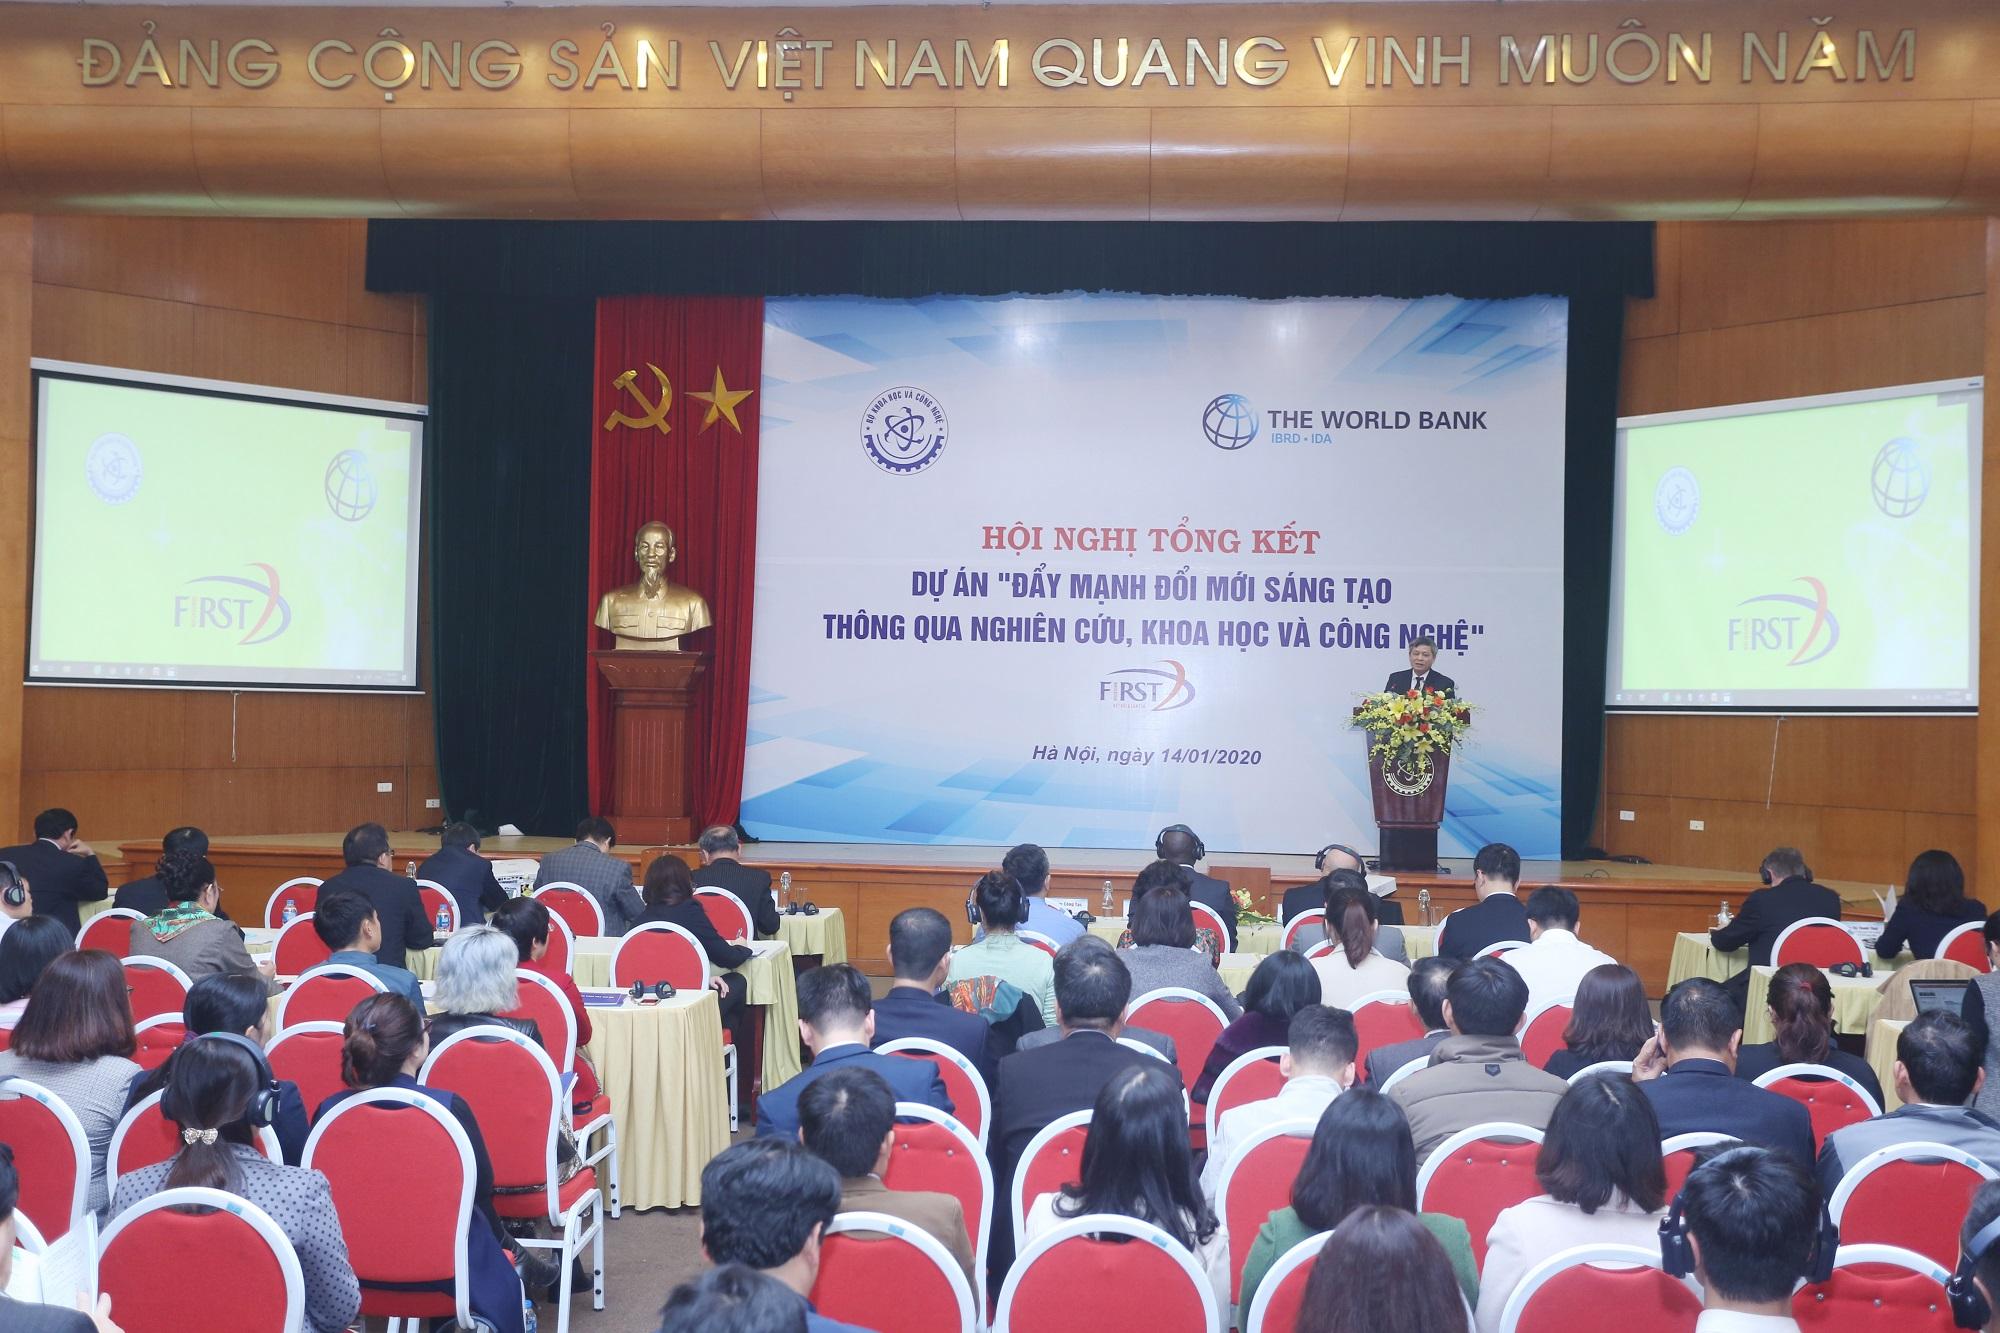 Dự án FIRST Thu hút đầu tư gần 400 tỷ đồng thúc đẩy đổi mới sáng tạo tại Việt Nam